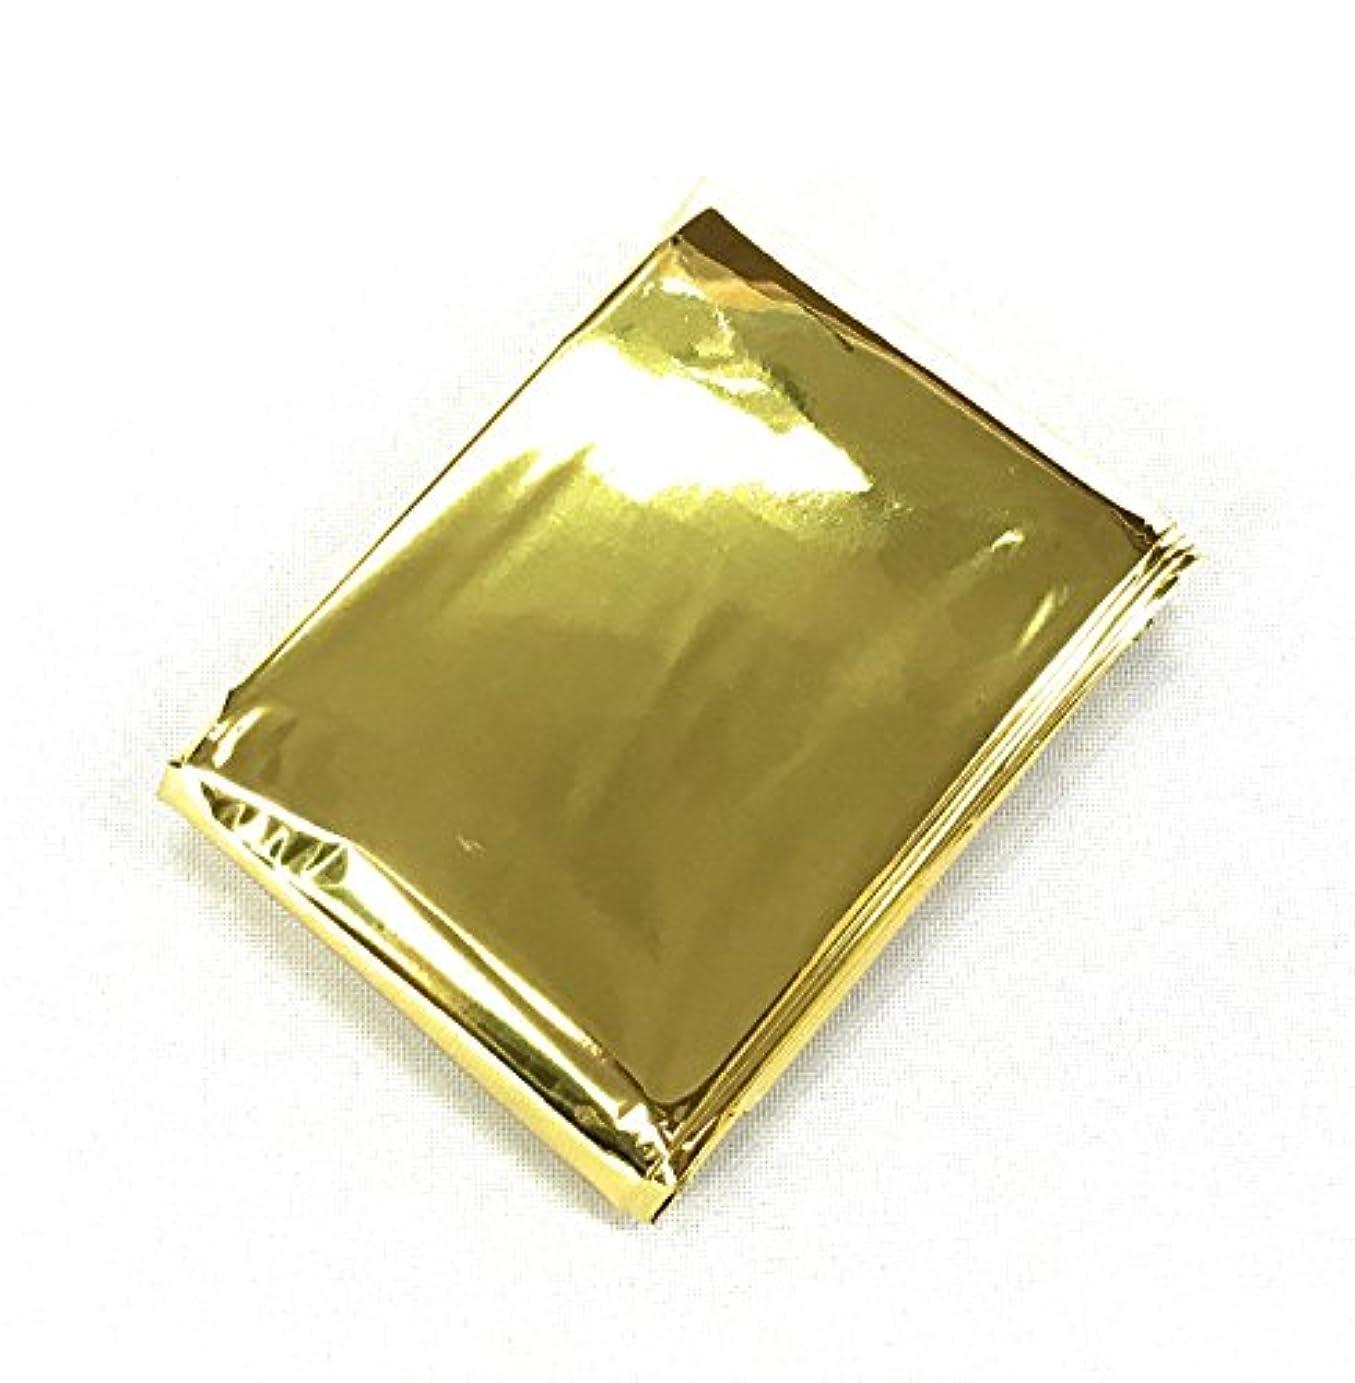 安いですきしむ推測する特大 サバイバルシート 160cm×210cm 1枚 ゴールド(太陽熱吸収)シルバー(日差し反射)リバーシブルW機能 国内発送